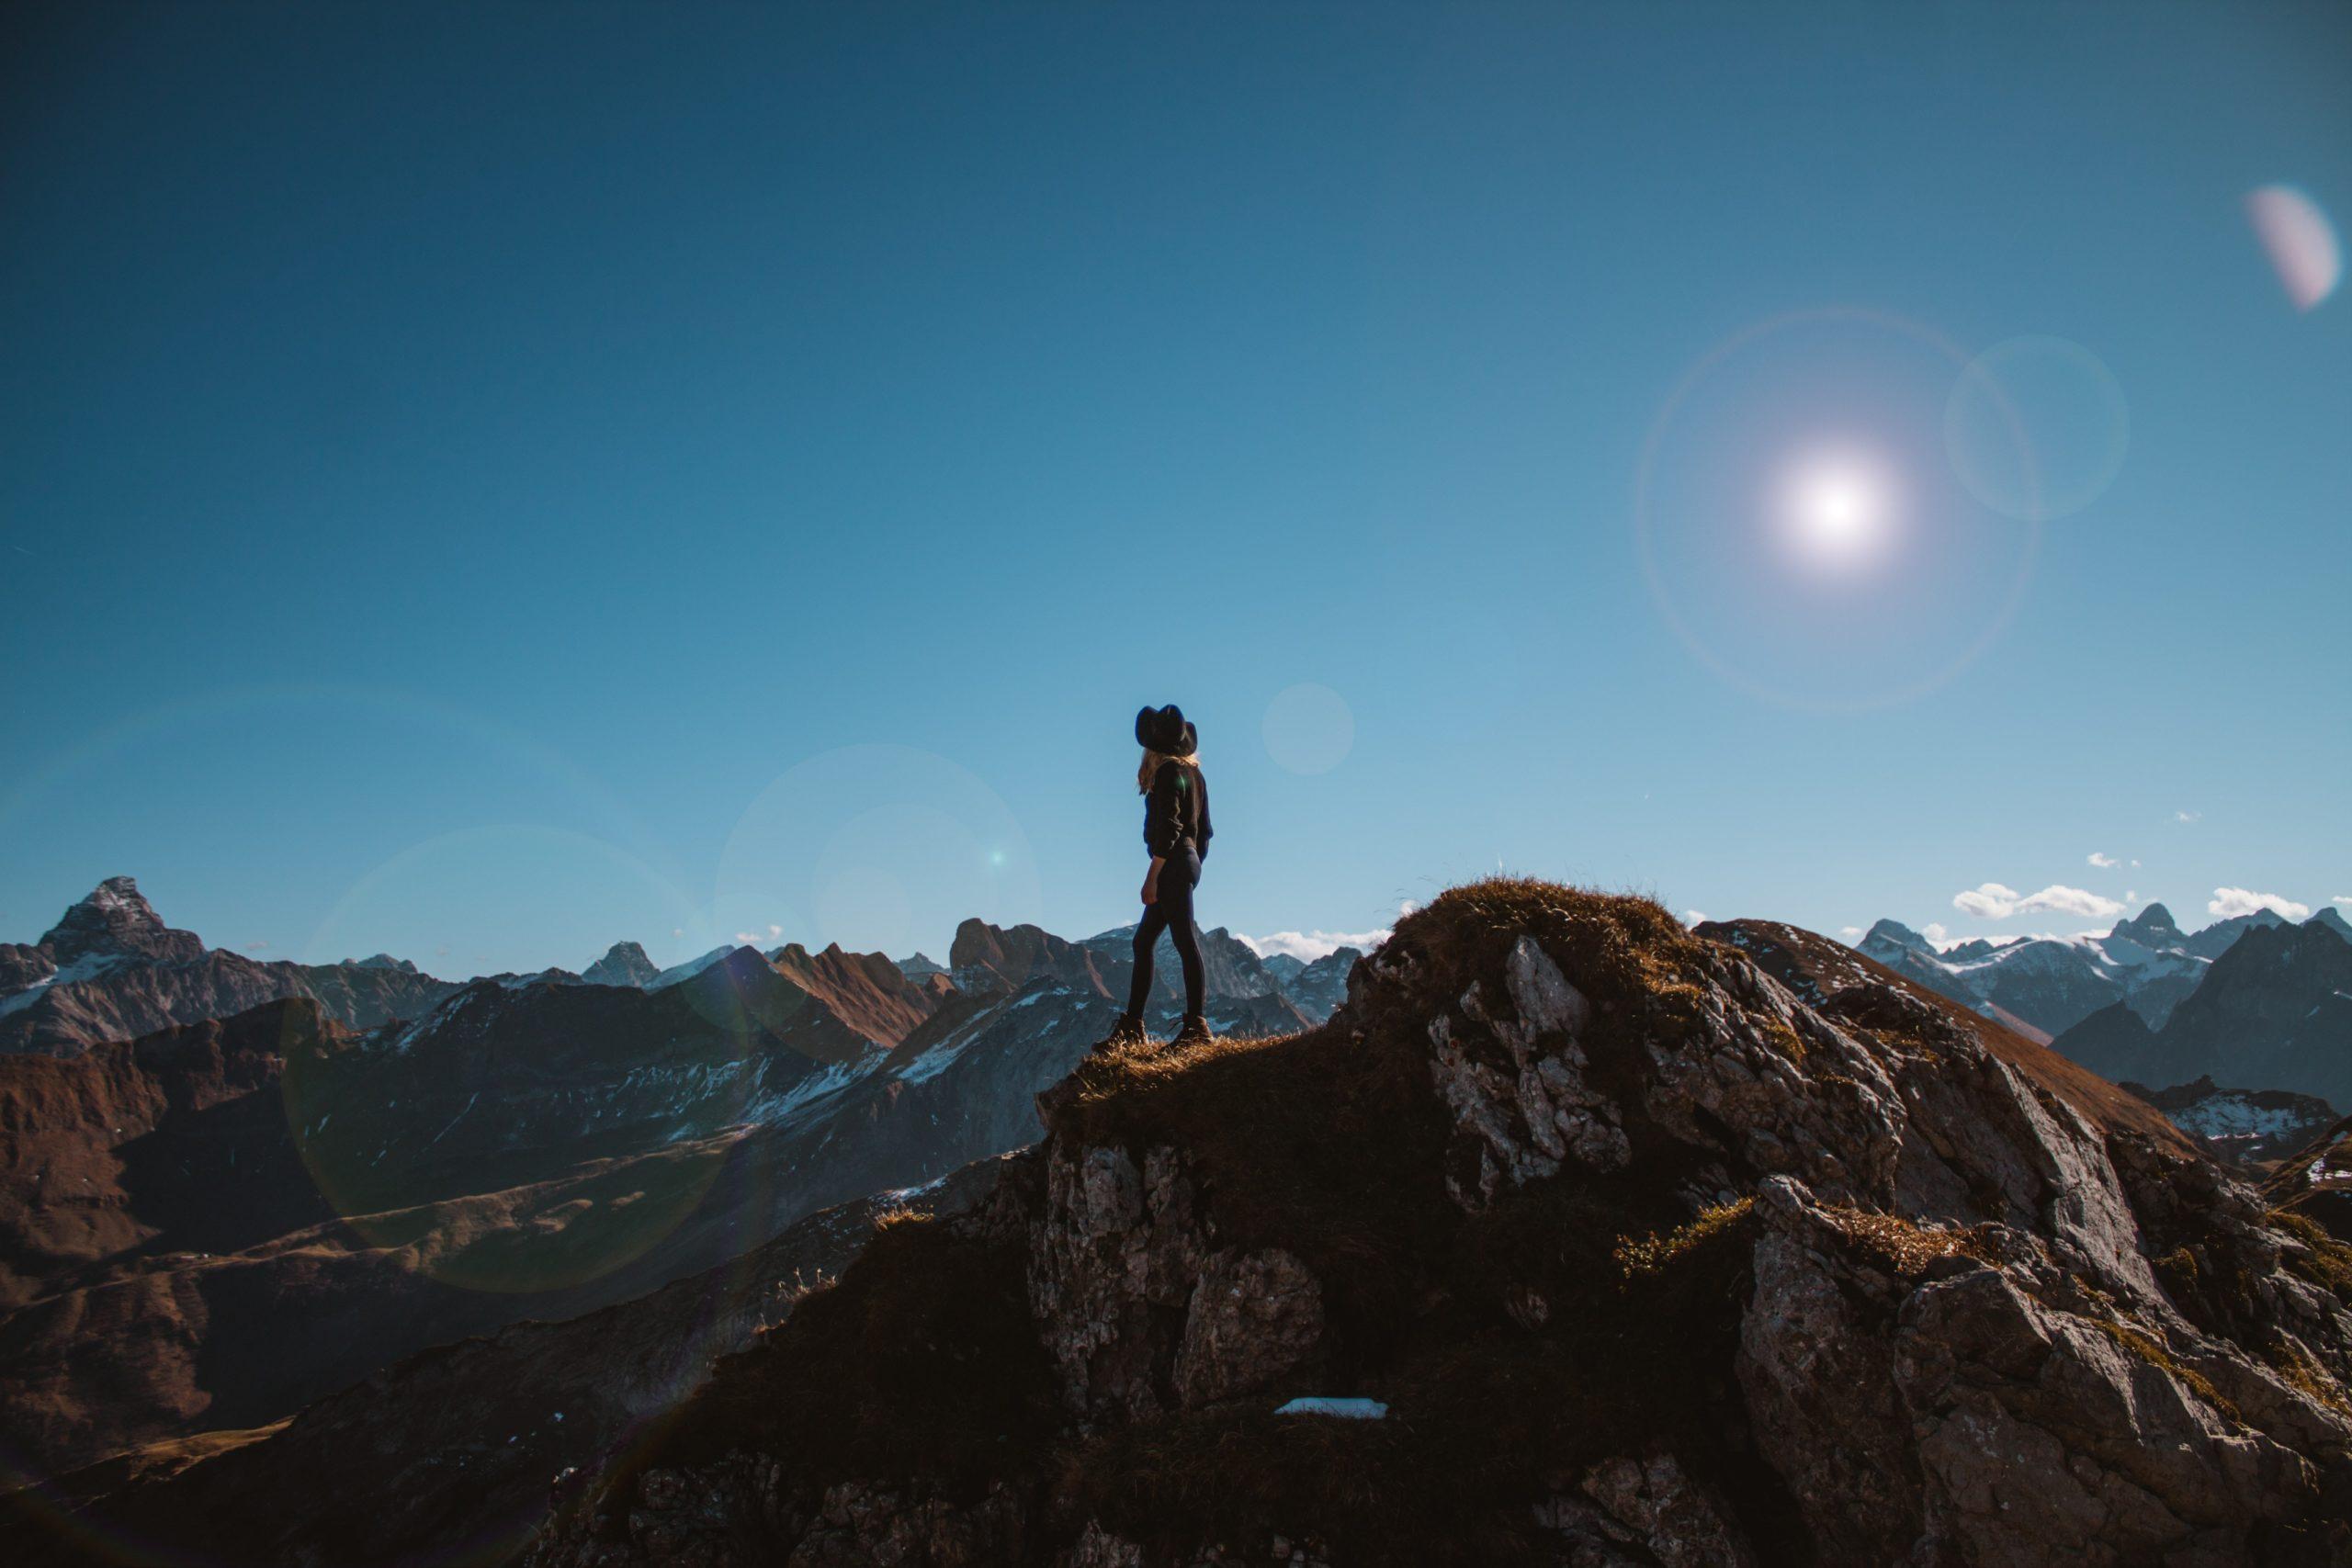 femme au sommet d'une montagne